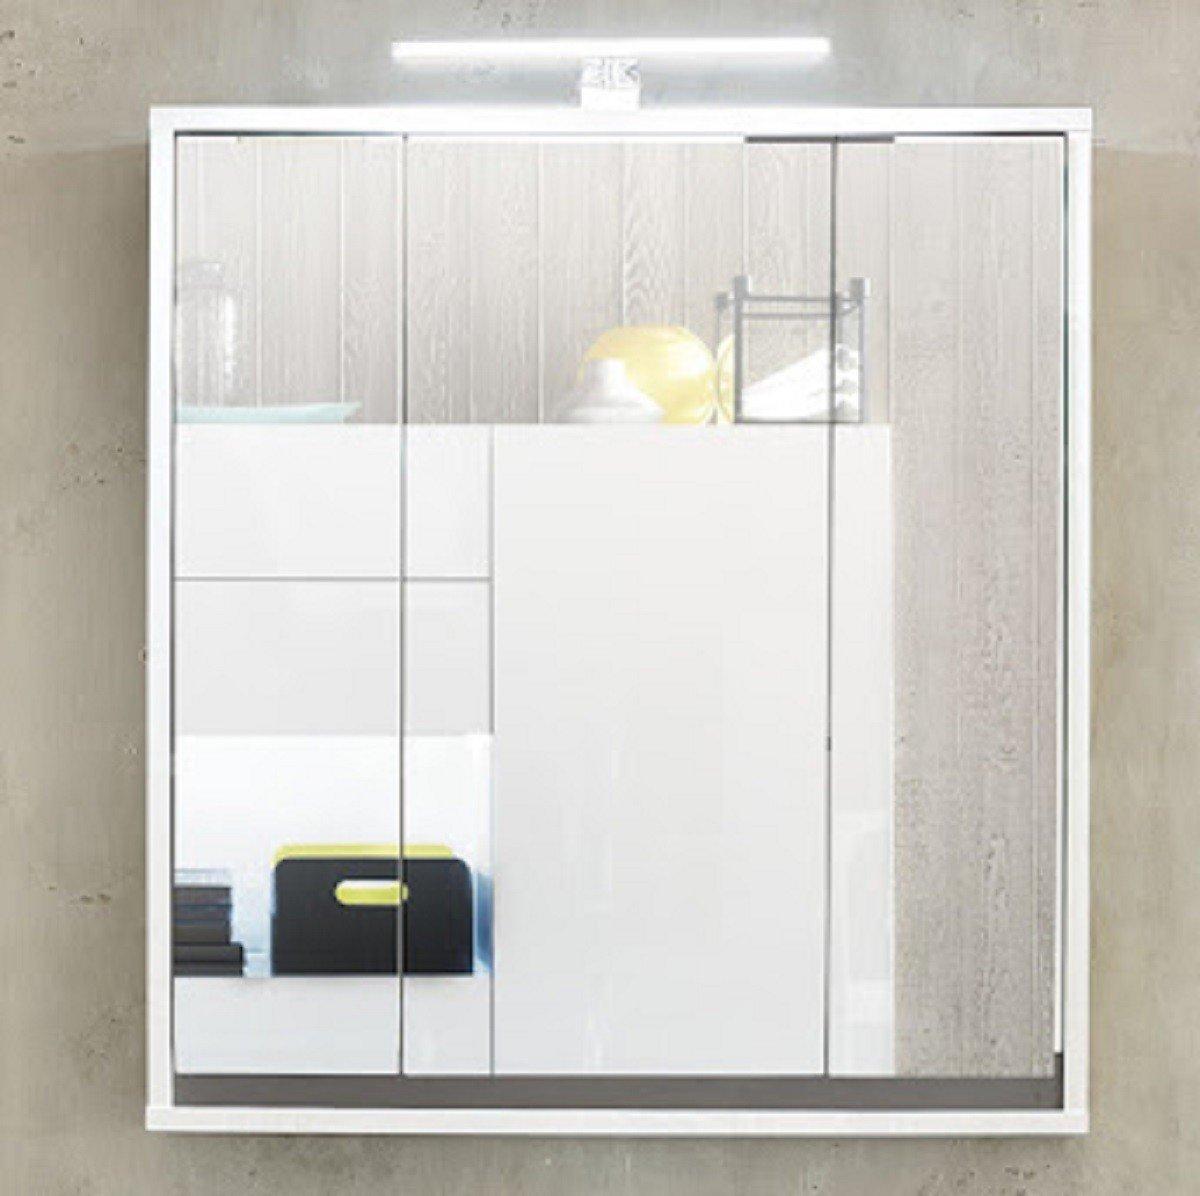 Dreams4Home Spiegelschrank 'Talu VIII' - Schrank, Badschrank, Badezimmerschrank, Spiegel, Wandschrank, 3 Türen, 6 Einlegeböden, B/H/T:ca 67x73x18 cm,FSC-K: 70%, Weiß Dekor / Weiß Hochglanz Lack Abs. Grau Dekor, Made in EU